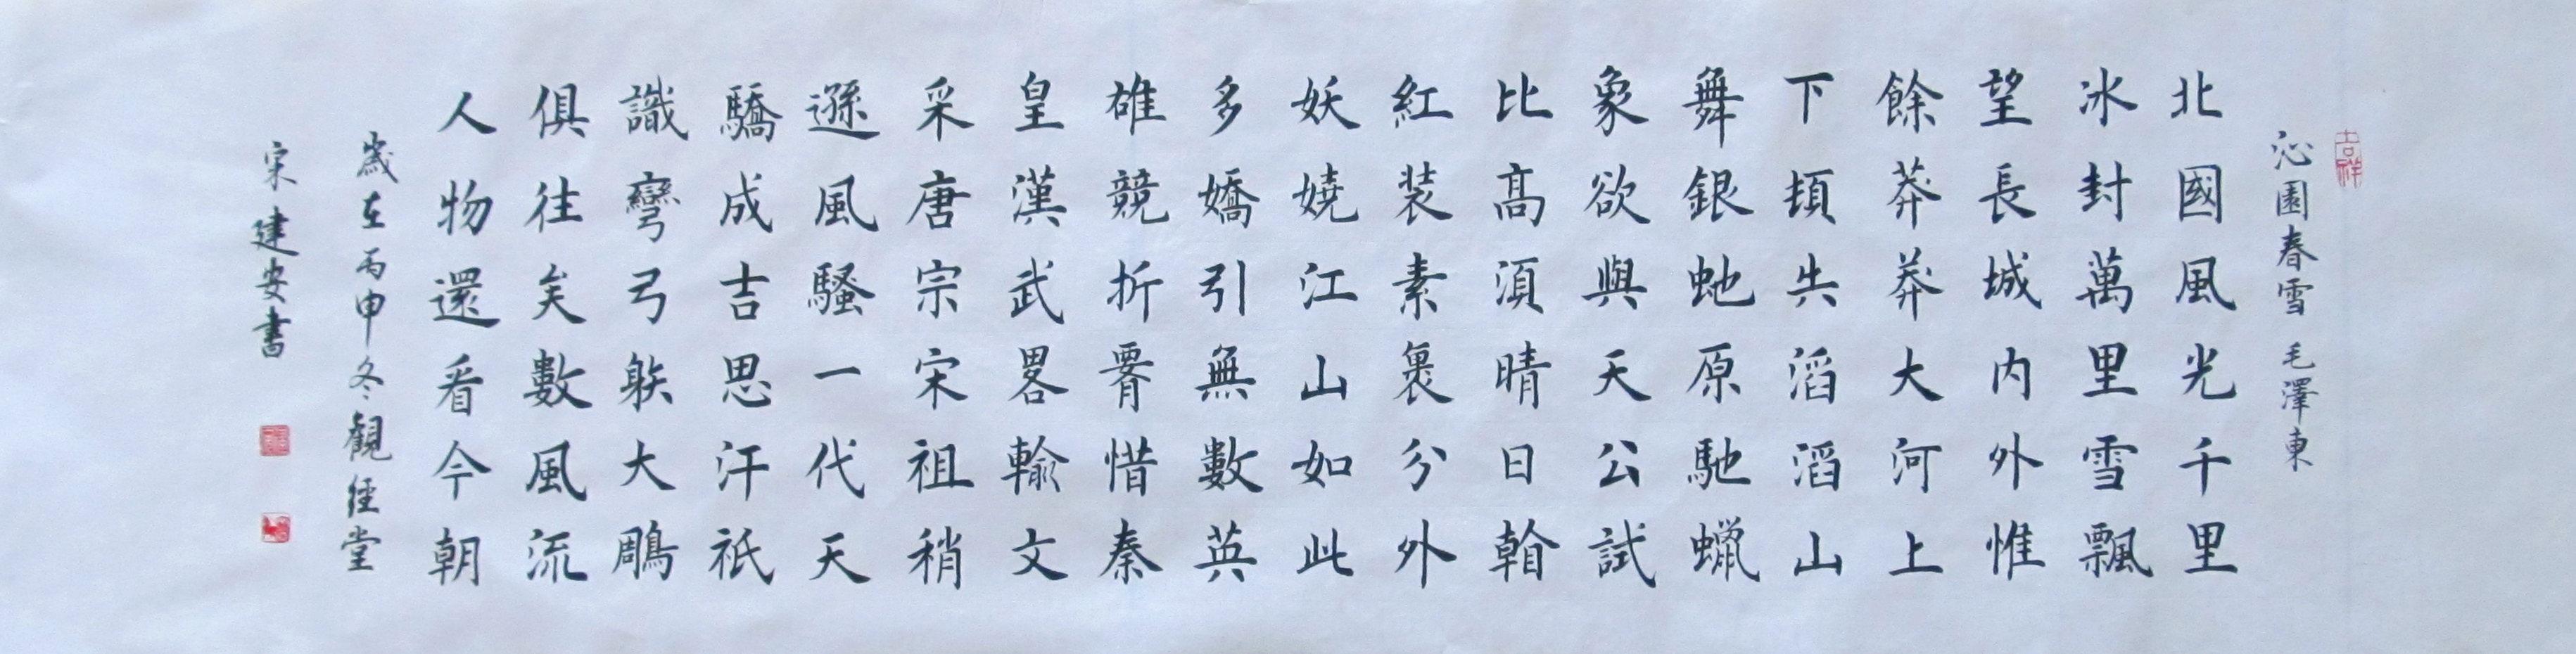 沁园春雪 楷书书法 四尺对开 135*35cm(大图展示)图片